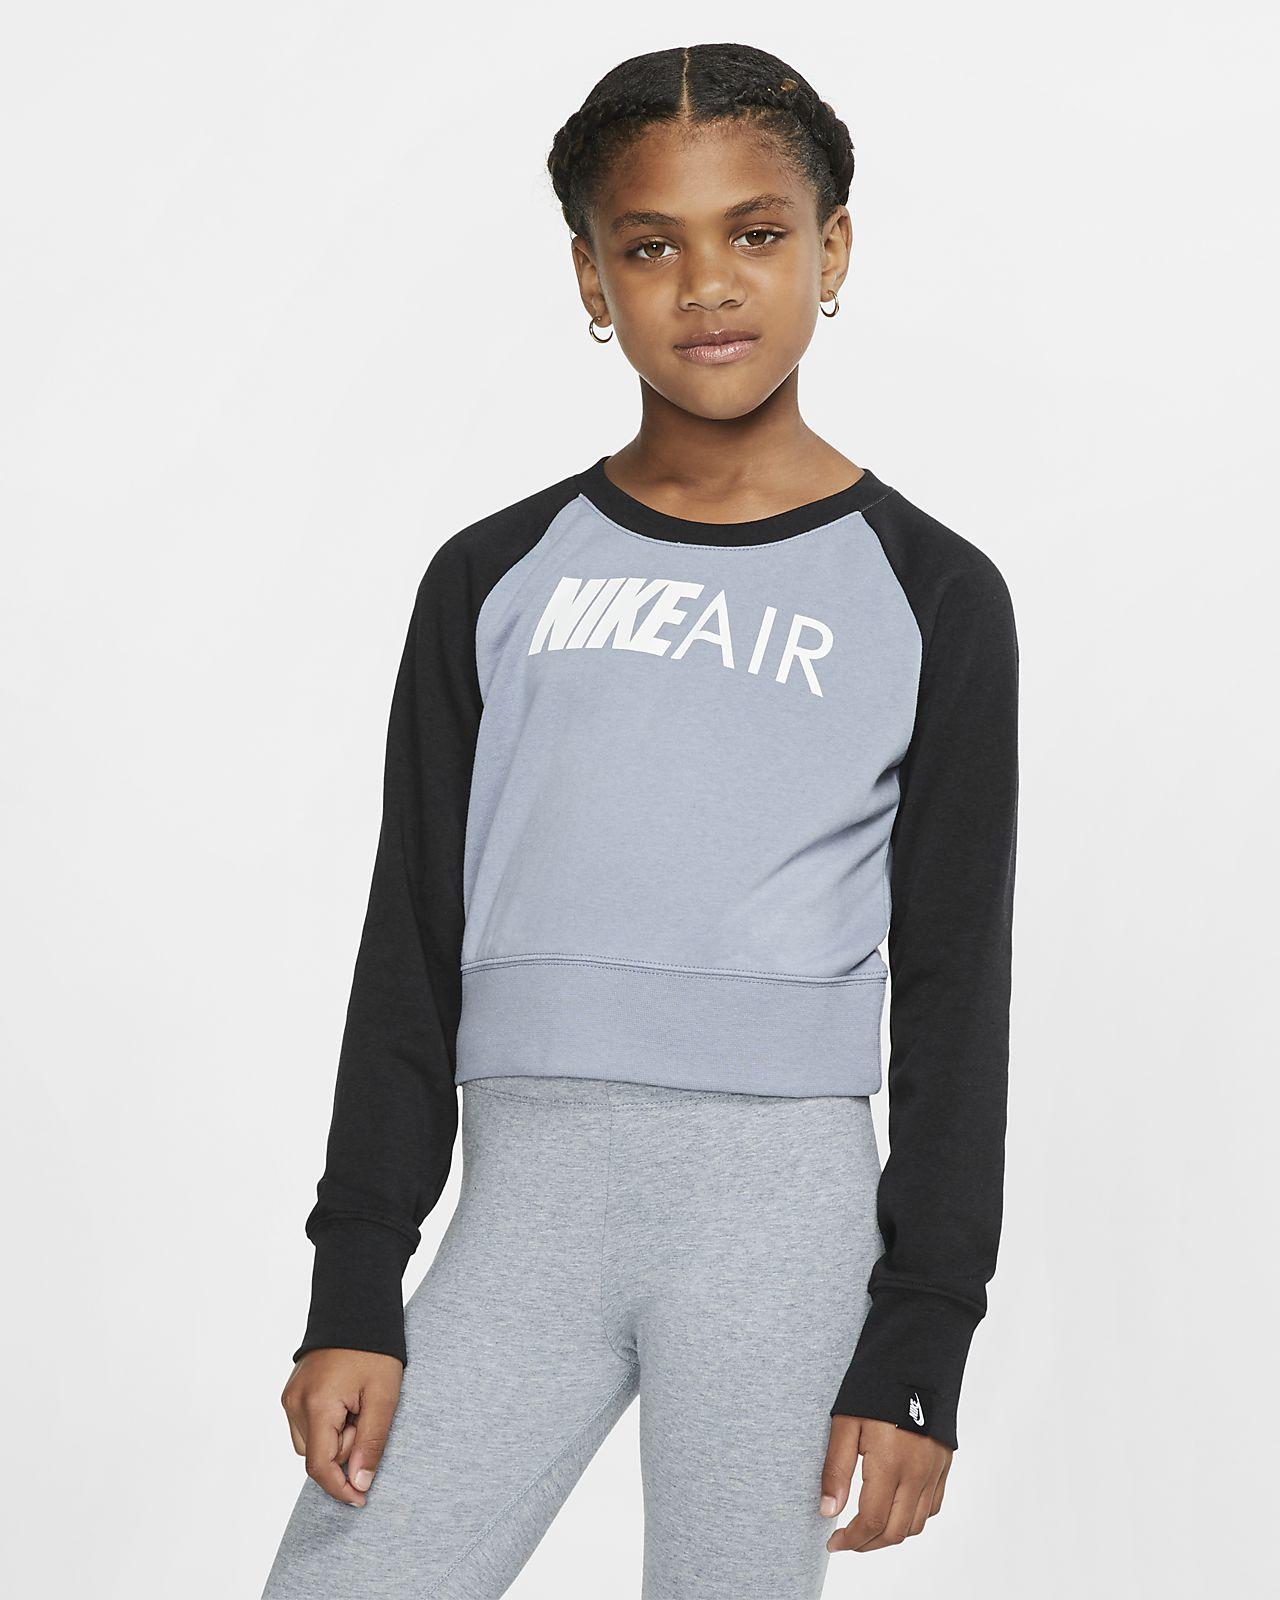 Свитшот для девочек школьного возраста Nike Air